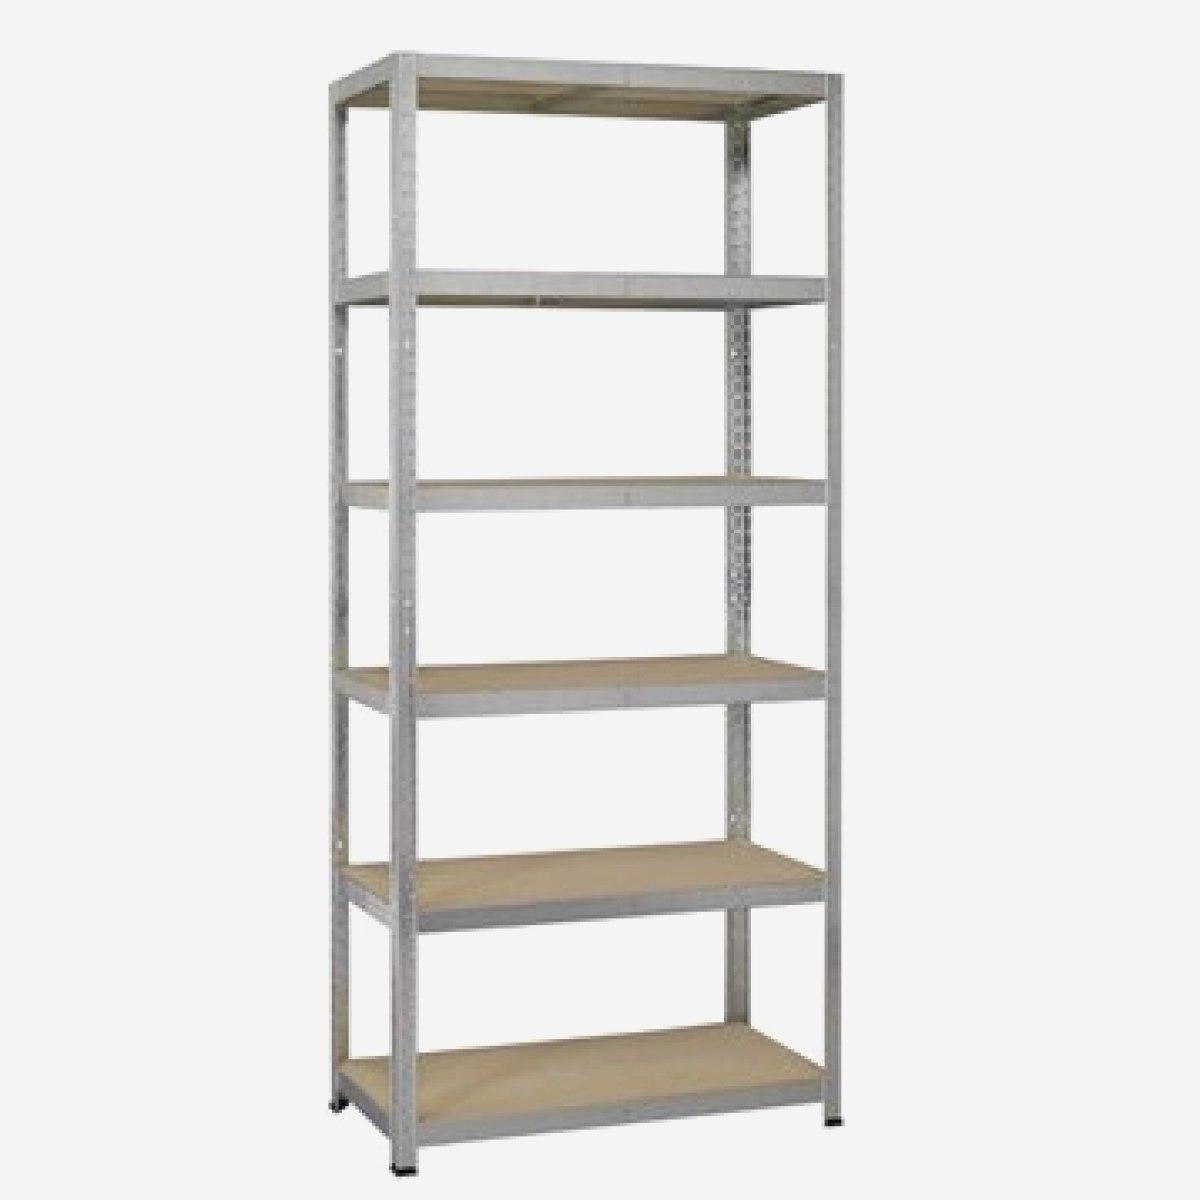 Rack Verre Ikea Beau Images Etagere Sur Pied Succ¨sélégant Rack Verres Pieds Rangement Vaisselle